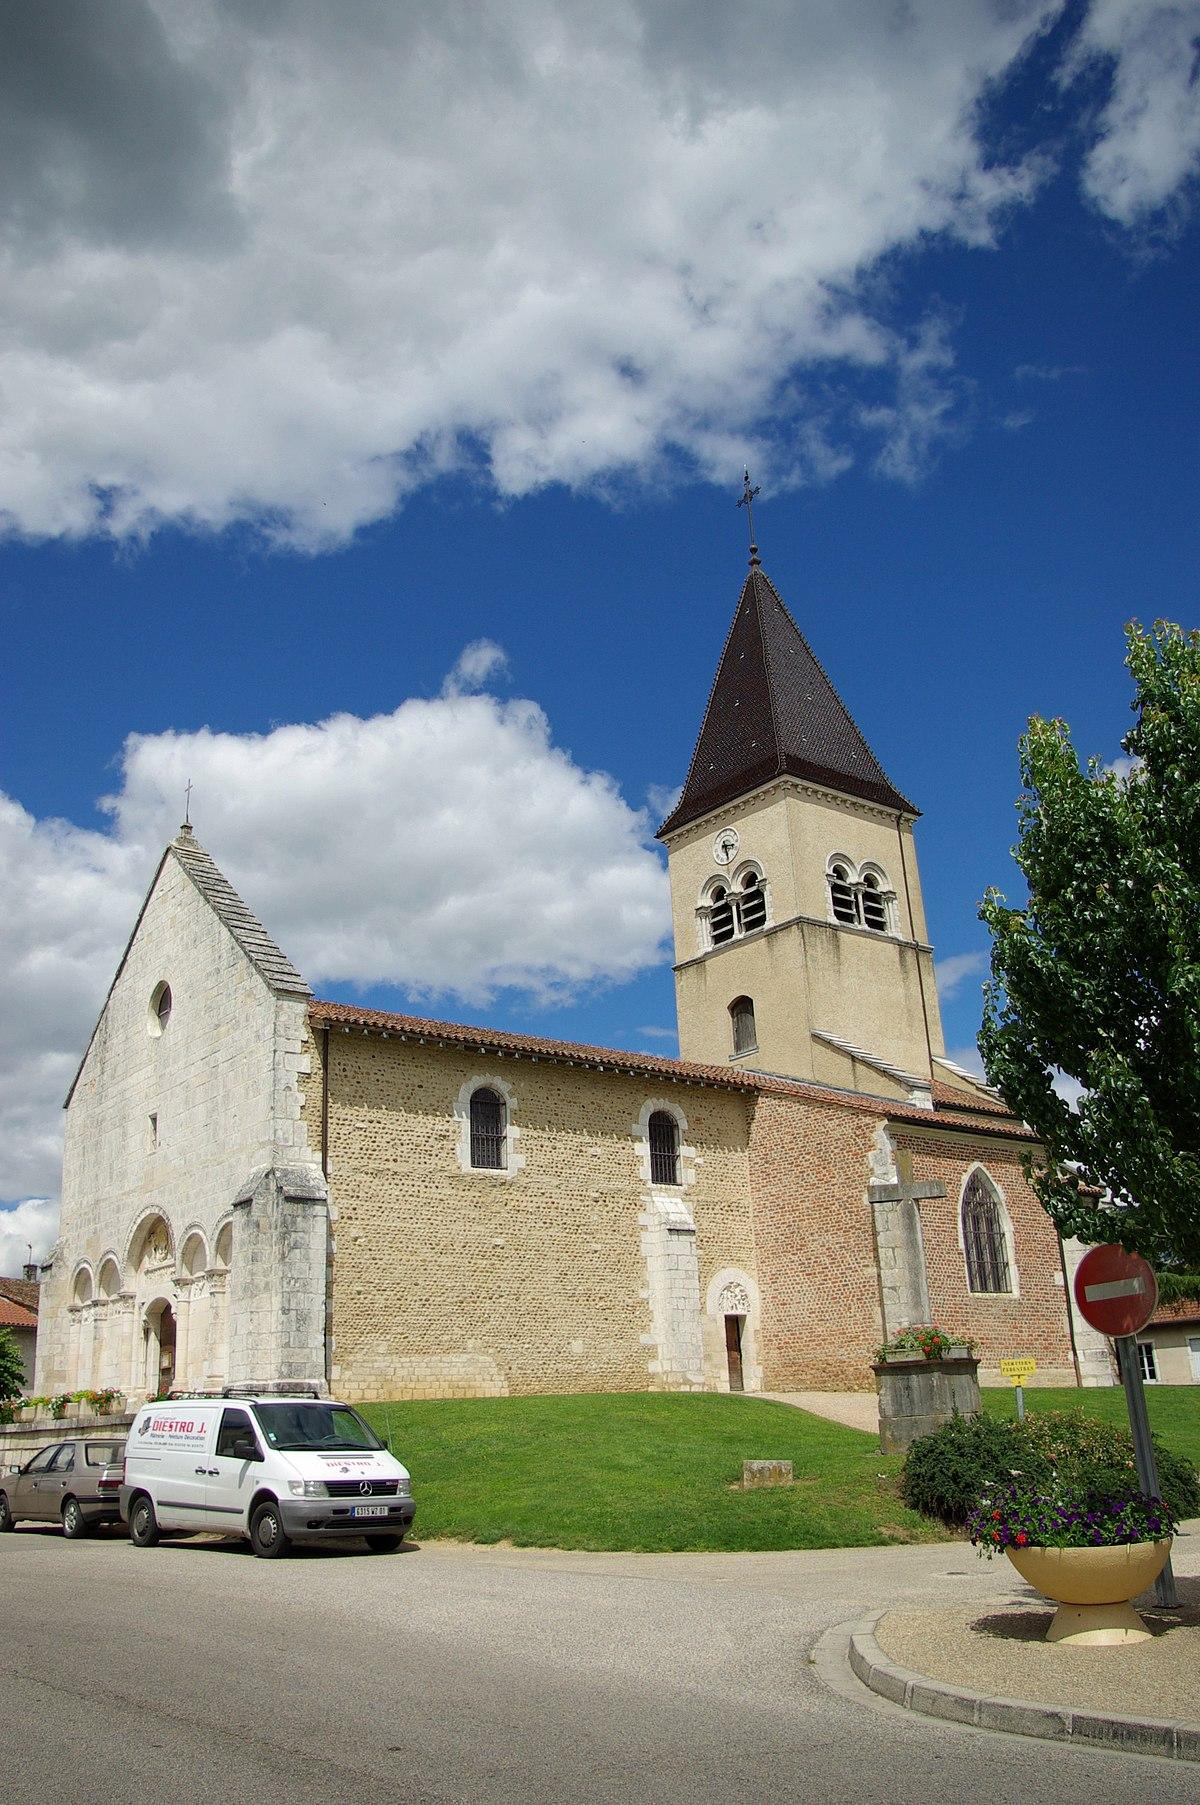 4e1186849725 Saint-Paul-de-Varax - Wikipedia